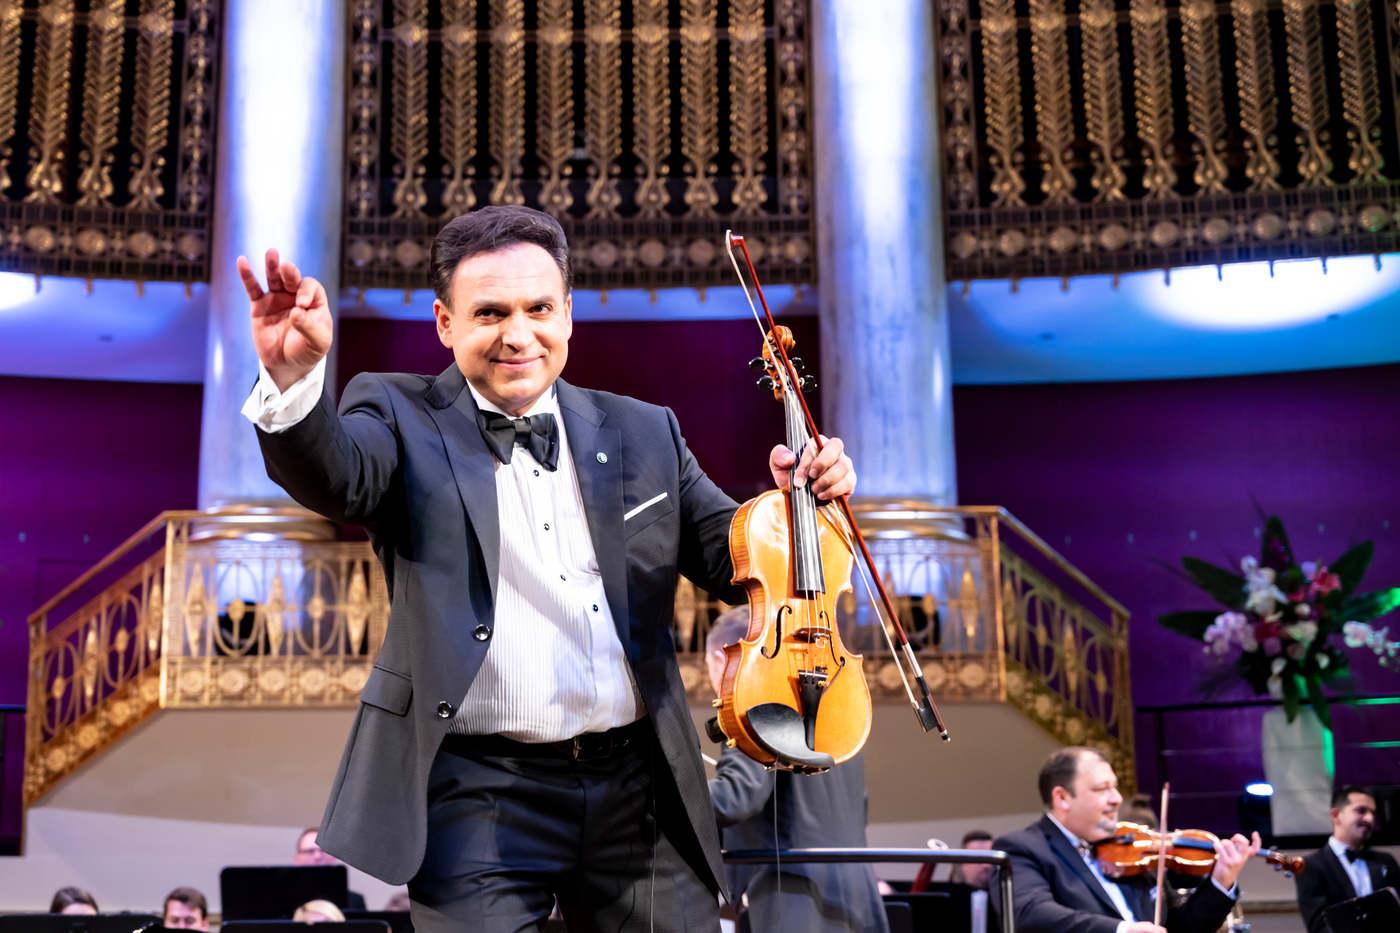 Mága Zoltán VI. Bécsi Újévi Koncert